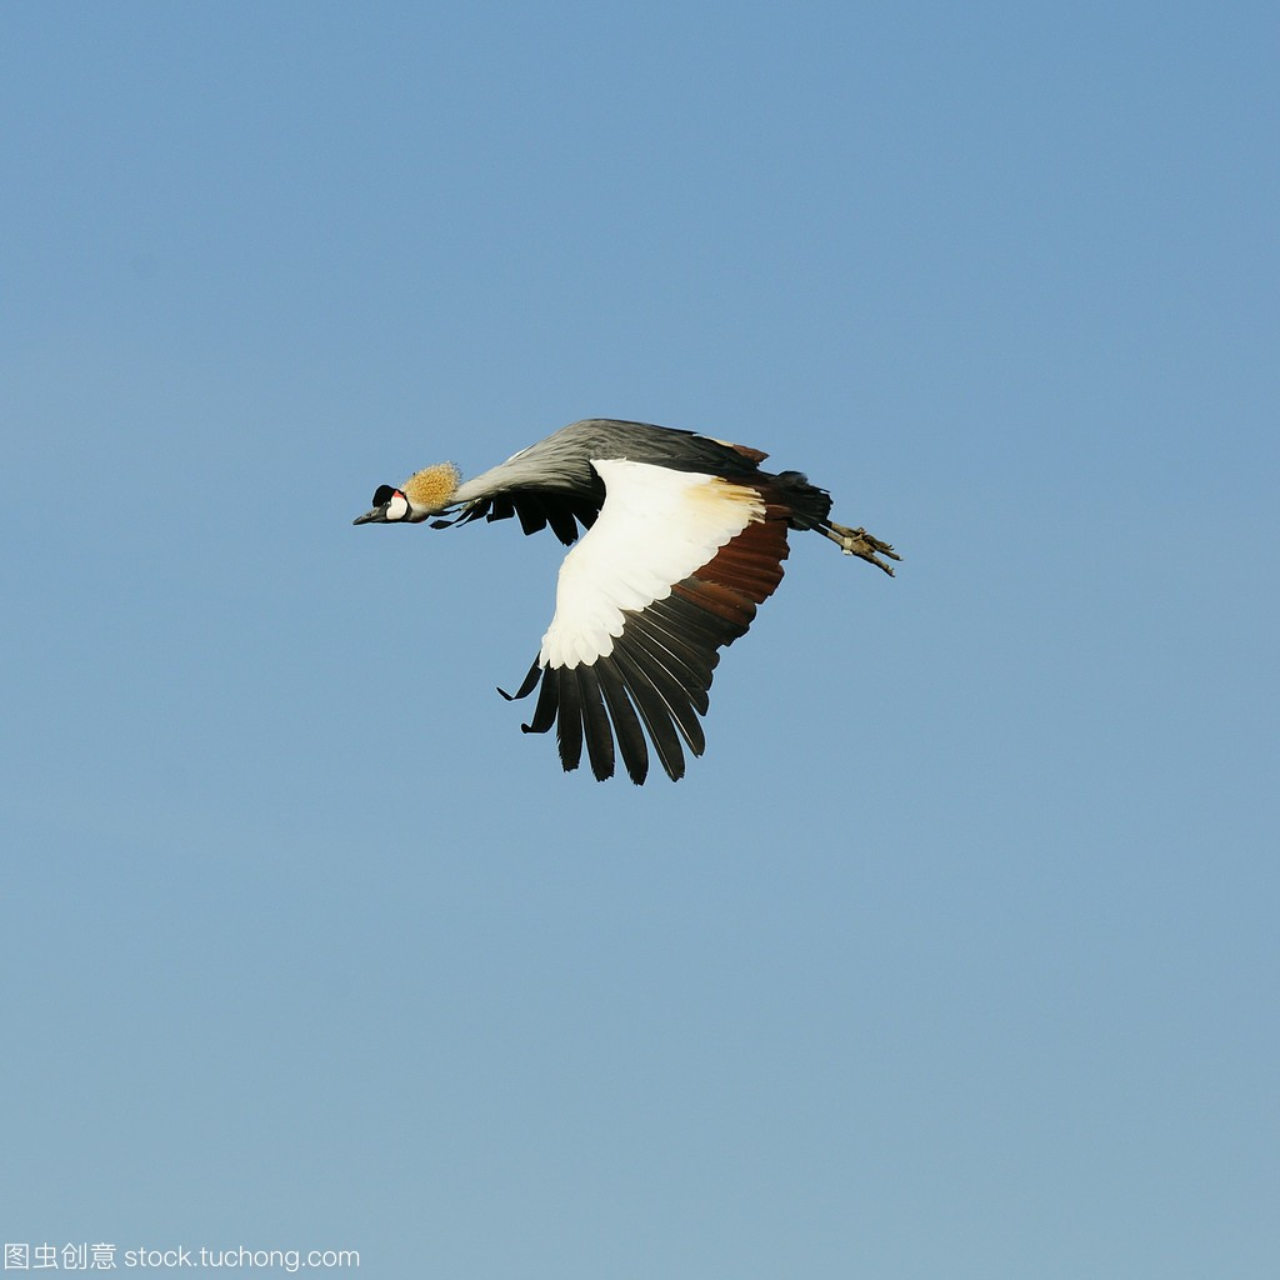 乌干达的国鸟